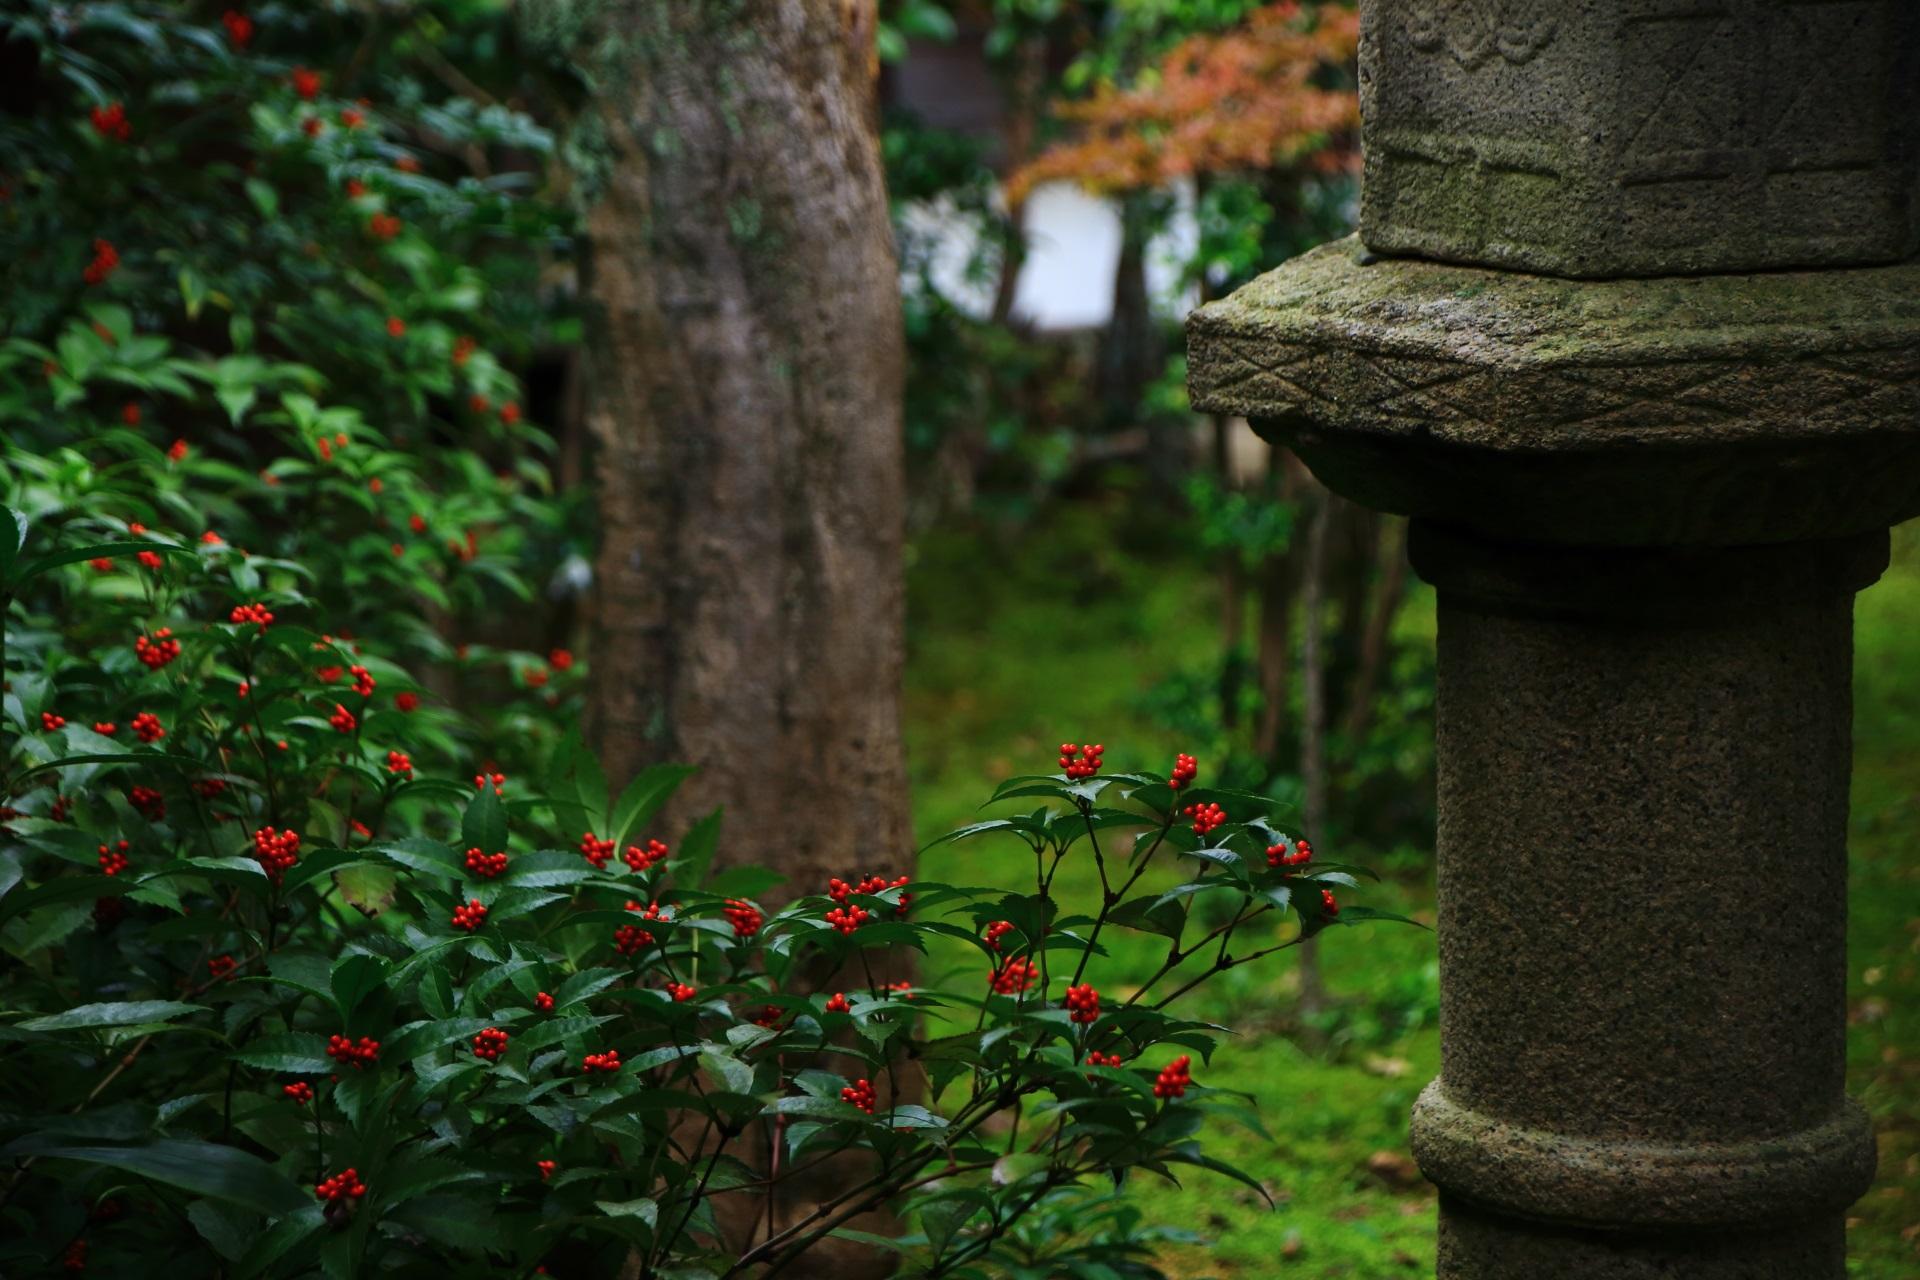 露地庭の灯籠と赤い千両の実